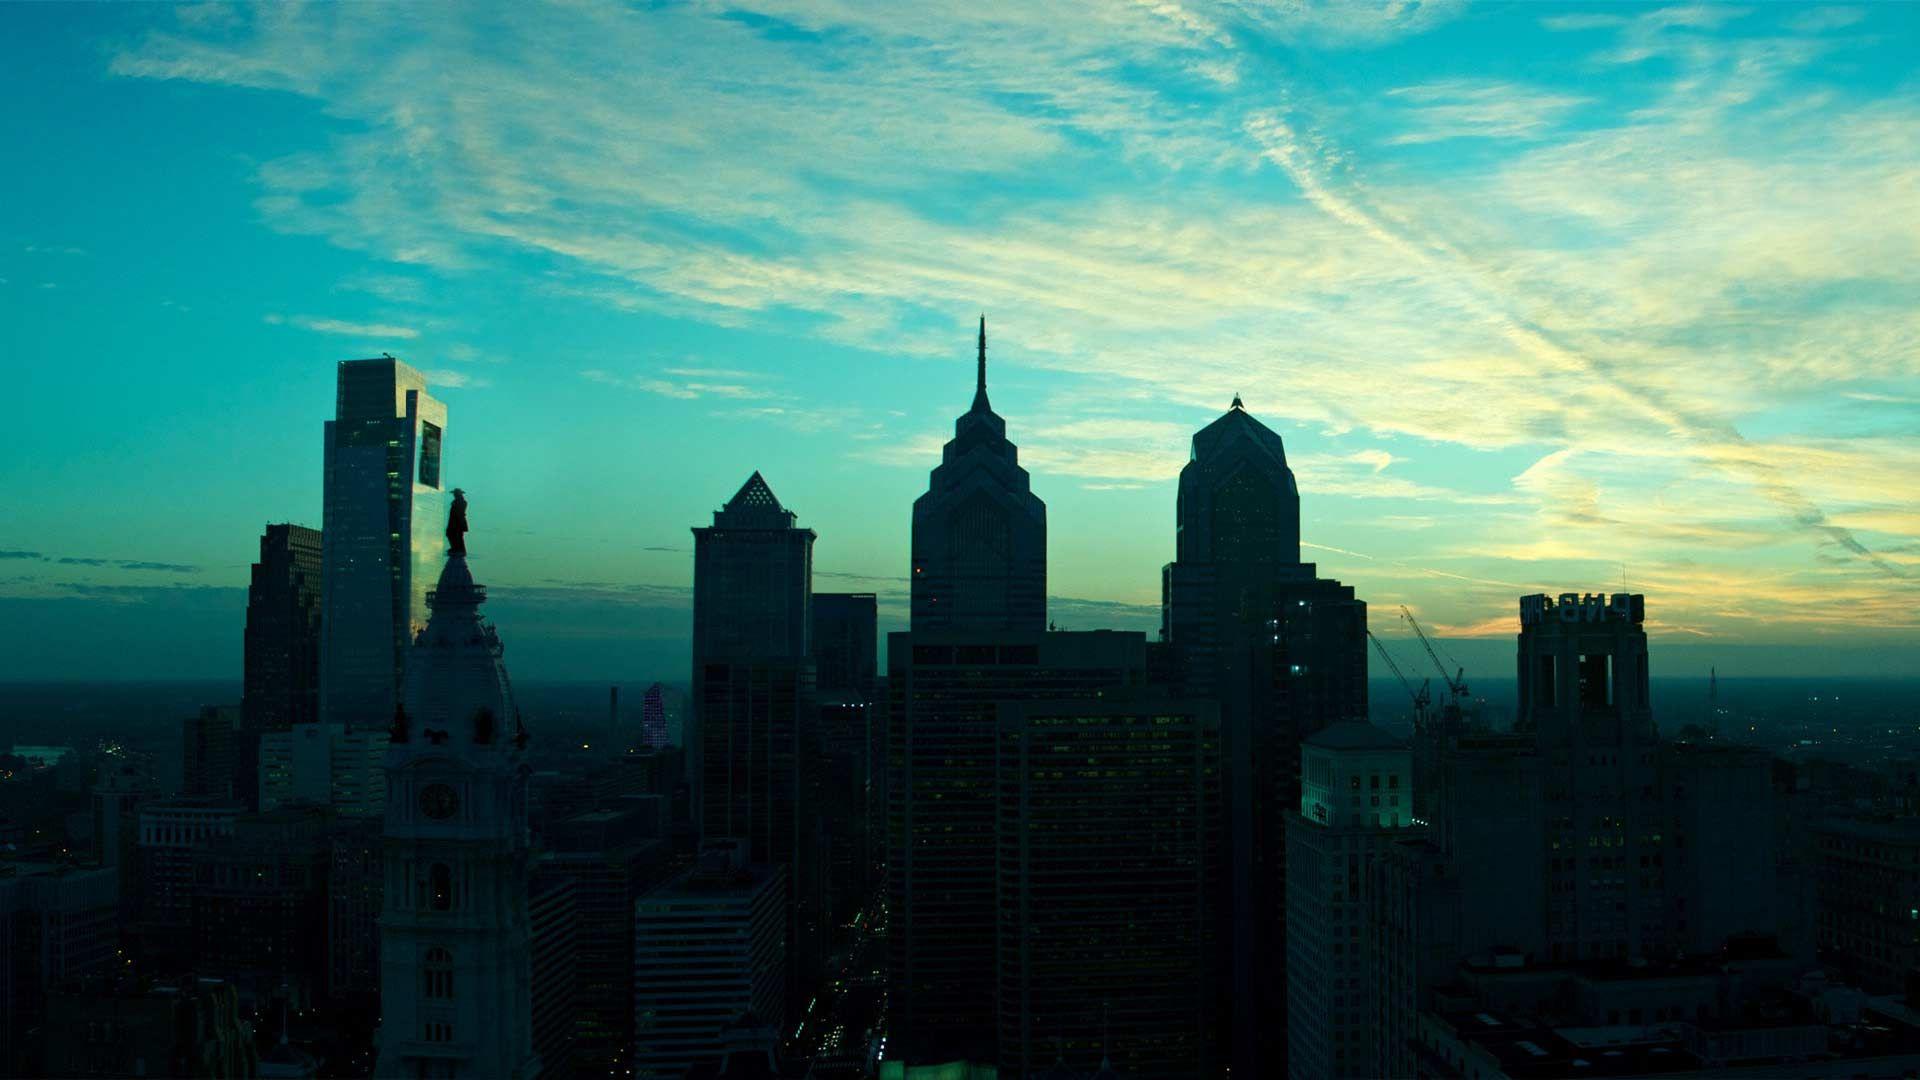 Philadelphia wallpaper background